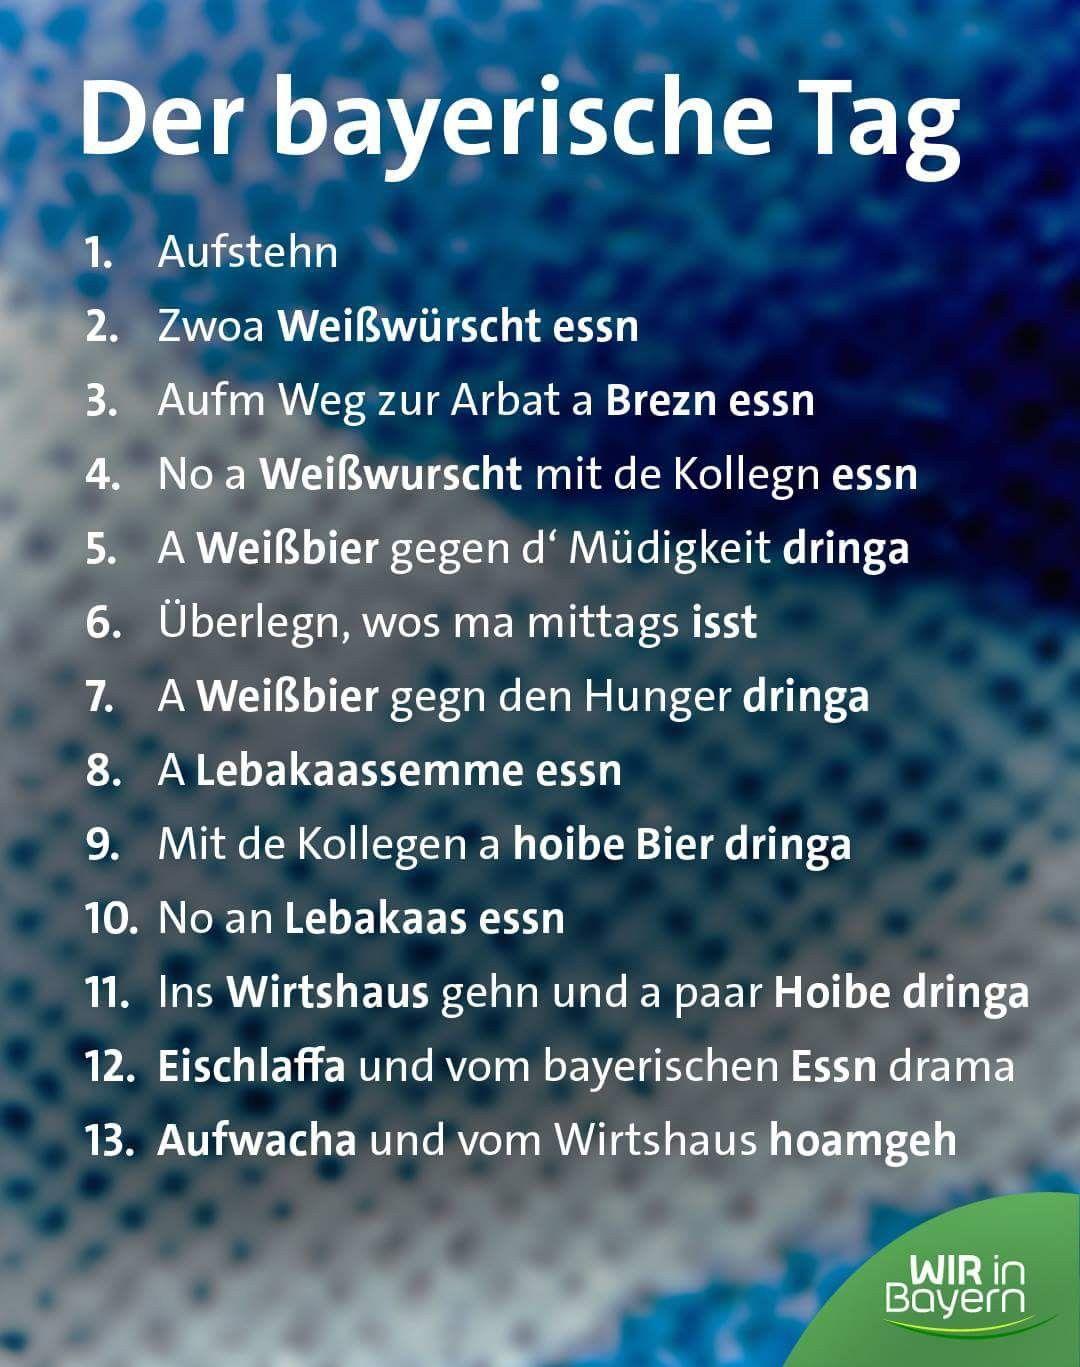 Pin Von Martin Mensing Auf Spruche Zitate Bayerische Spruche